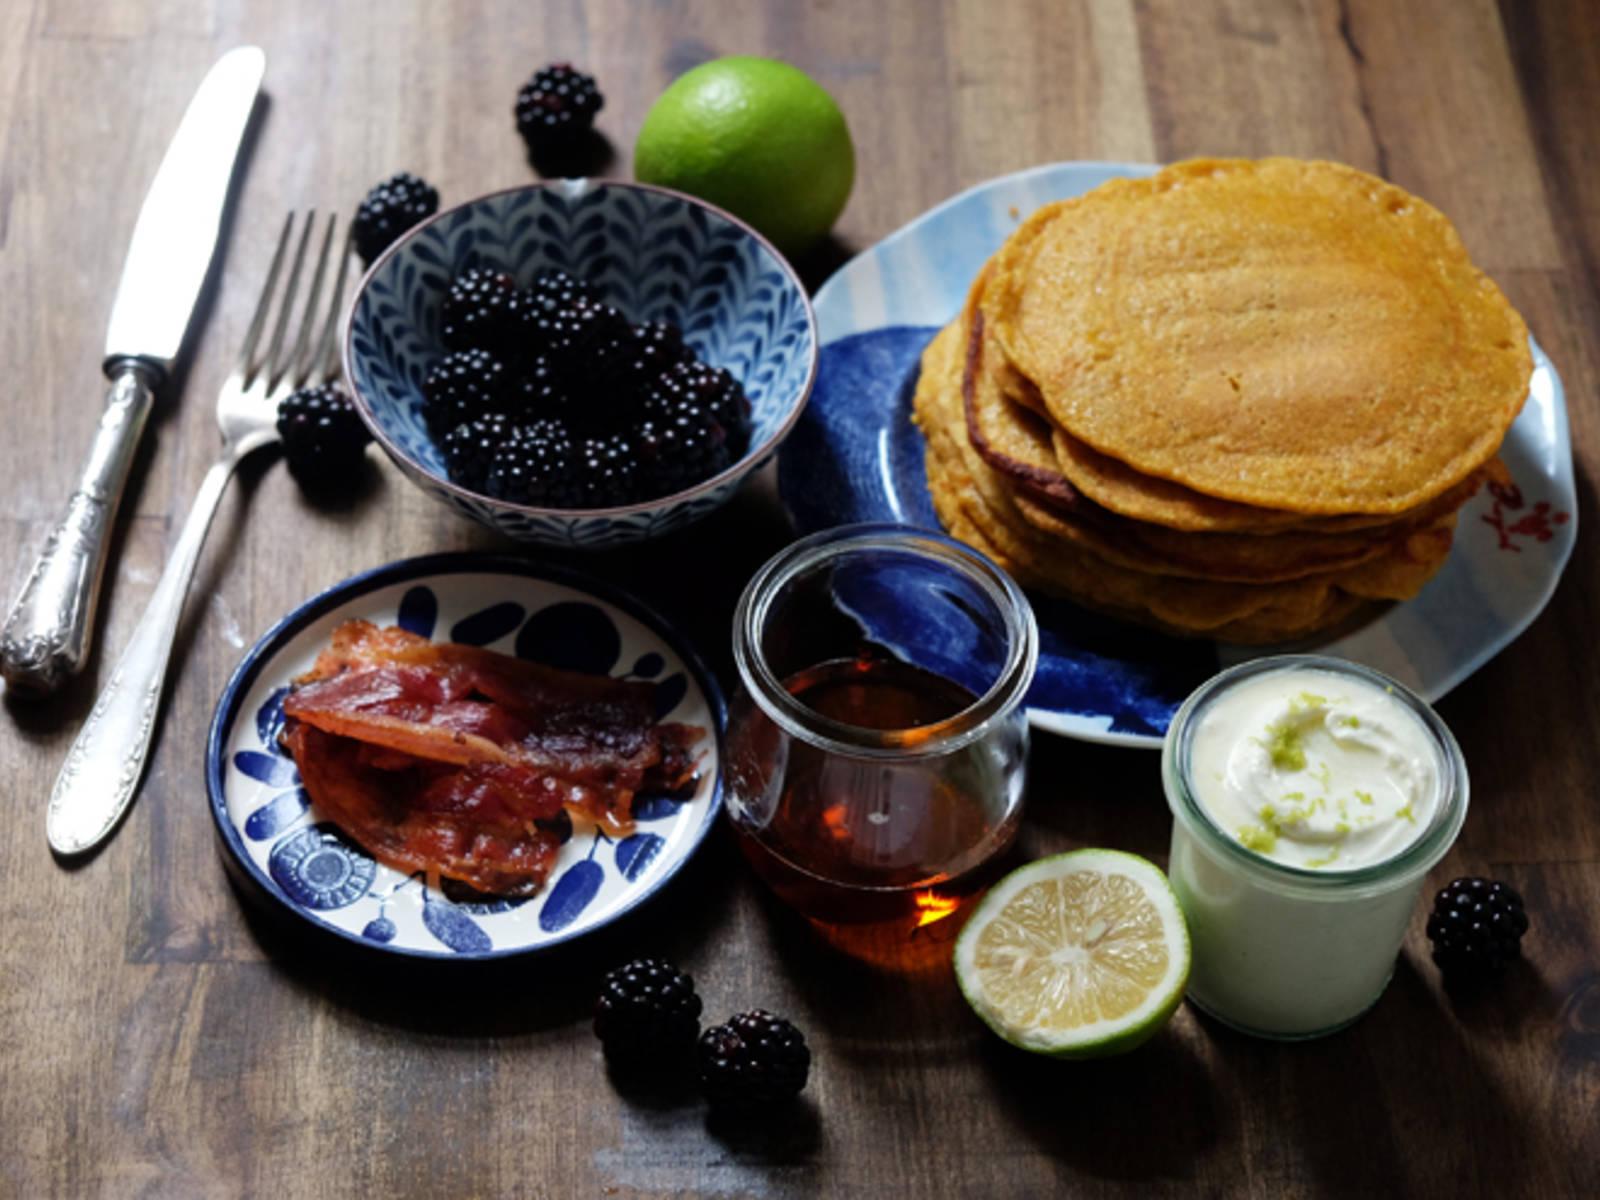 Kürbis-Pancakes zusammen mit Brombeeren, knusprigem Bacon, der Mascarpone-Creme und Ahornsirup servieren.